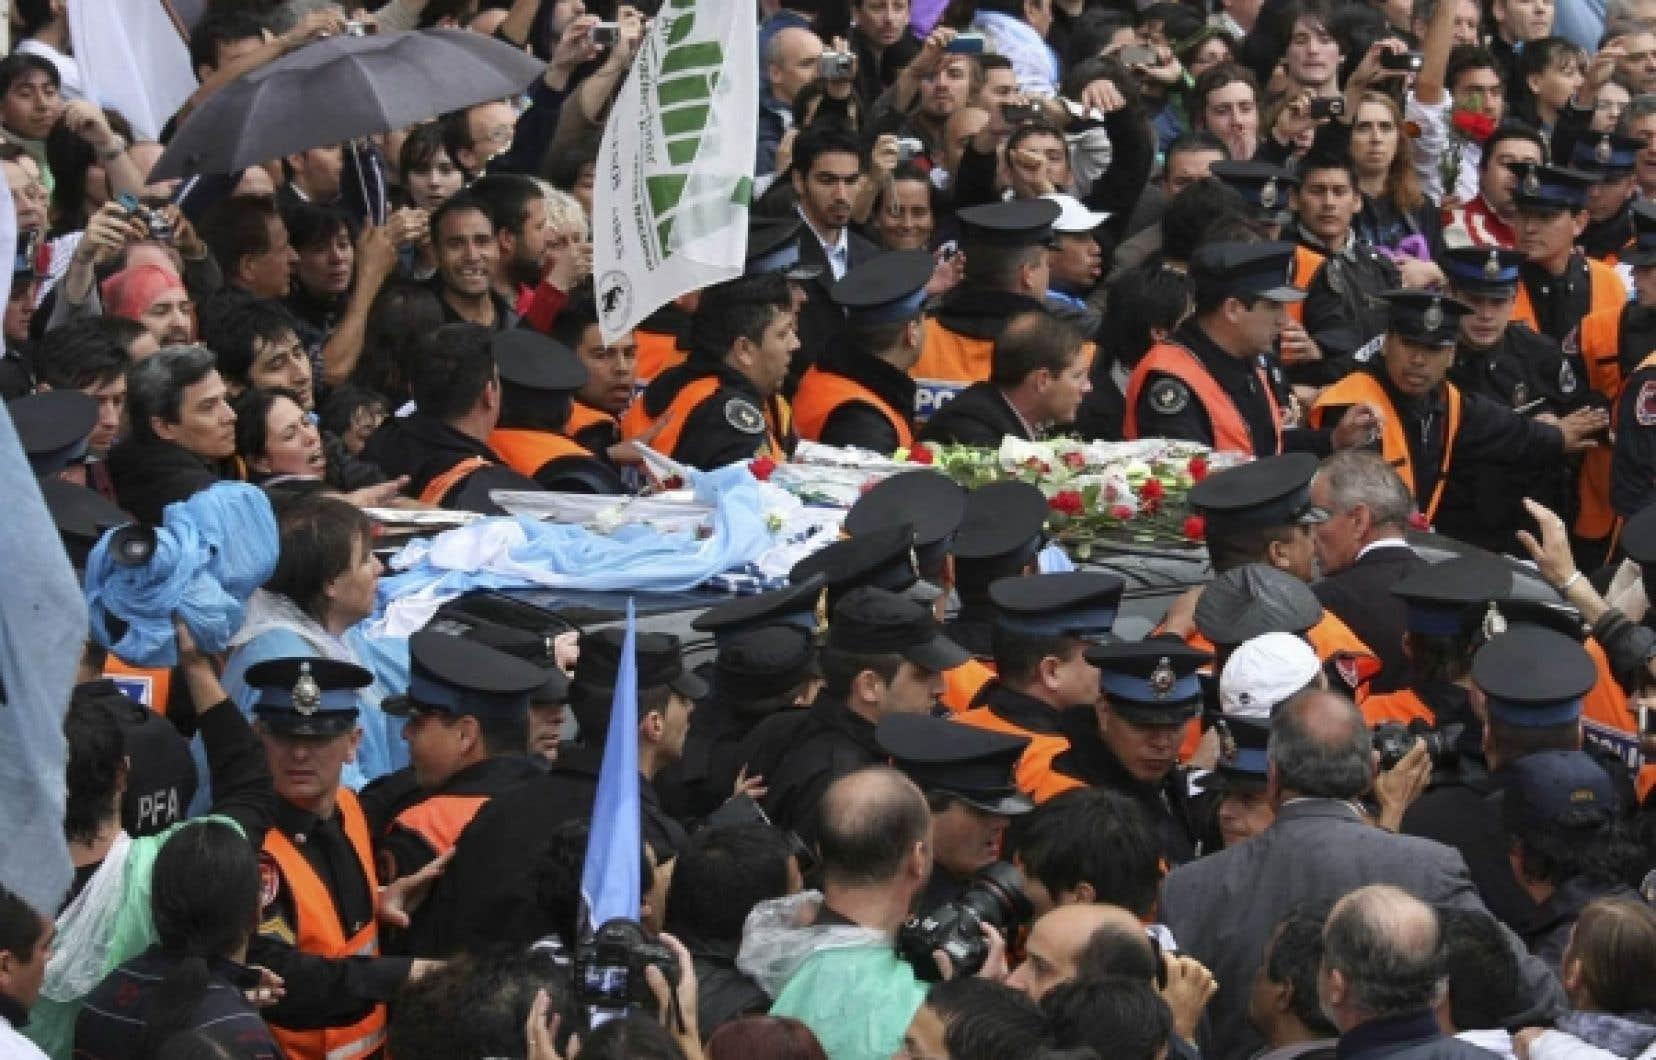 La dépouille de l'ancien chef de l'État argentin Nestor Kirchner (2003-2007)